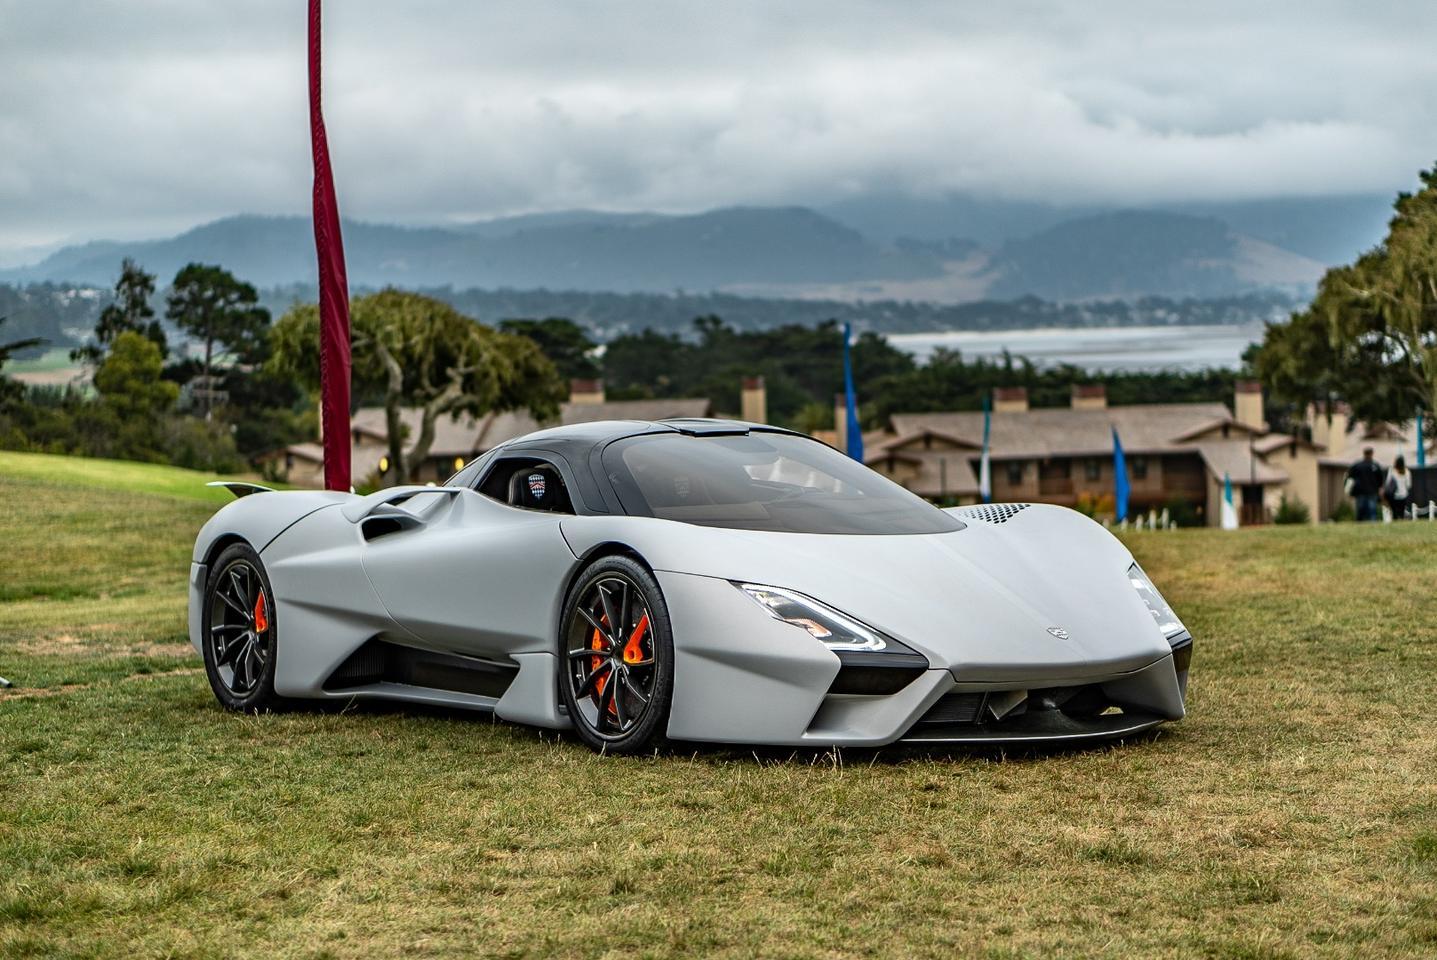 The Tuatara is pretty in white